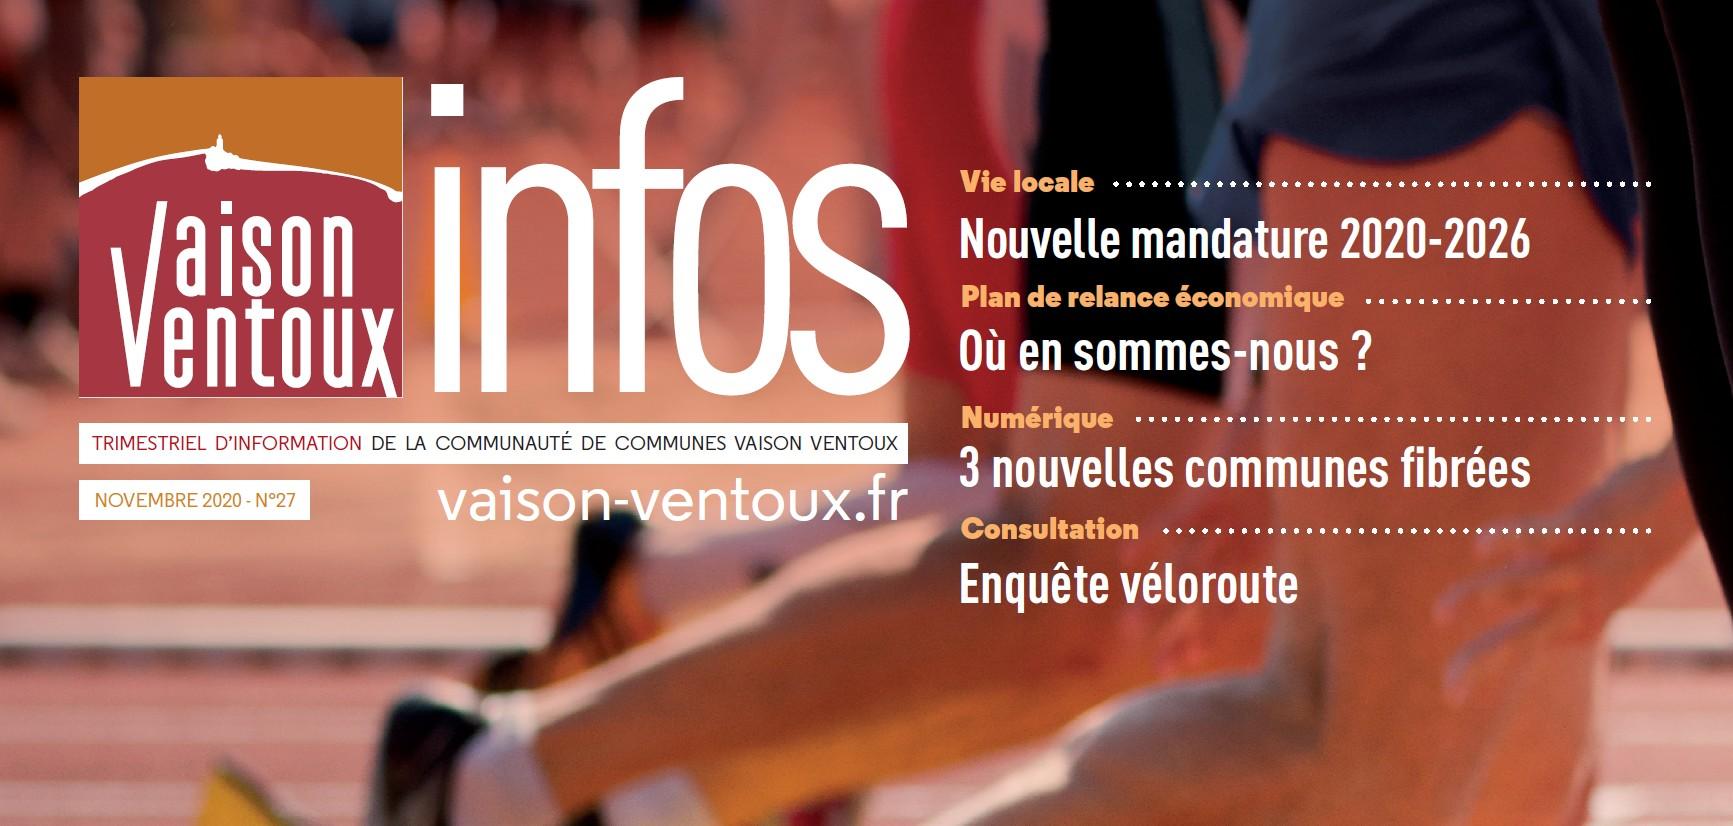 Titre-Vaison-Ventoux-infos-27.jpg